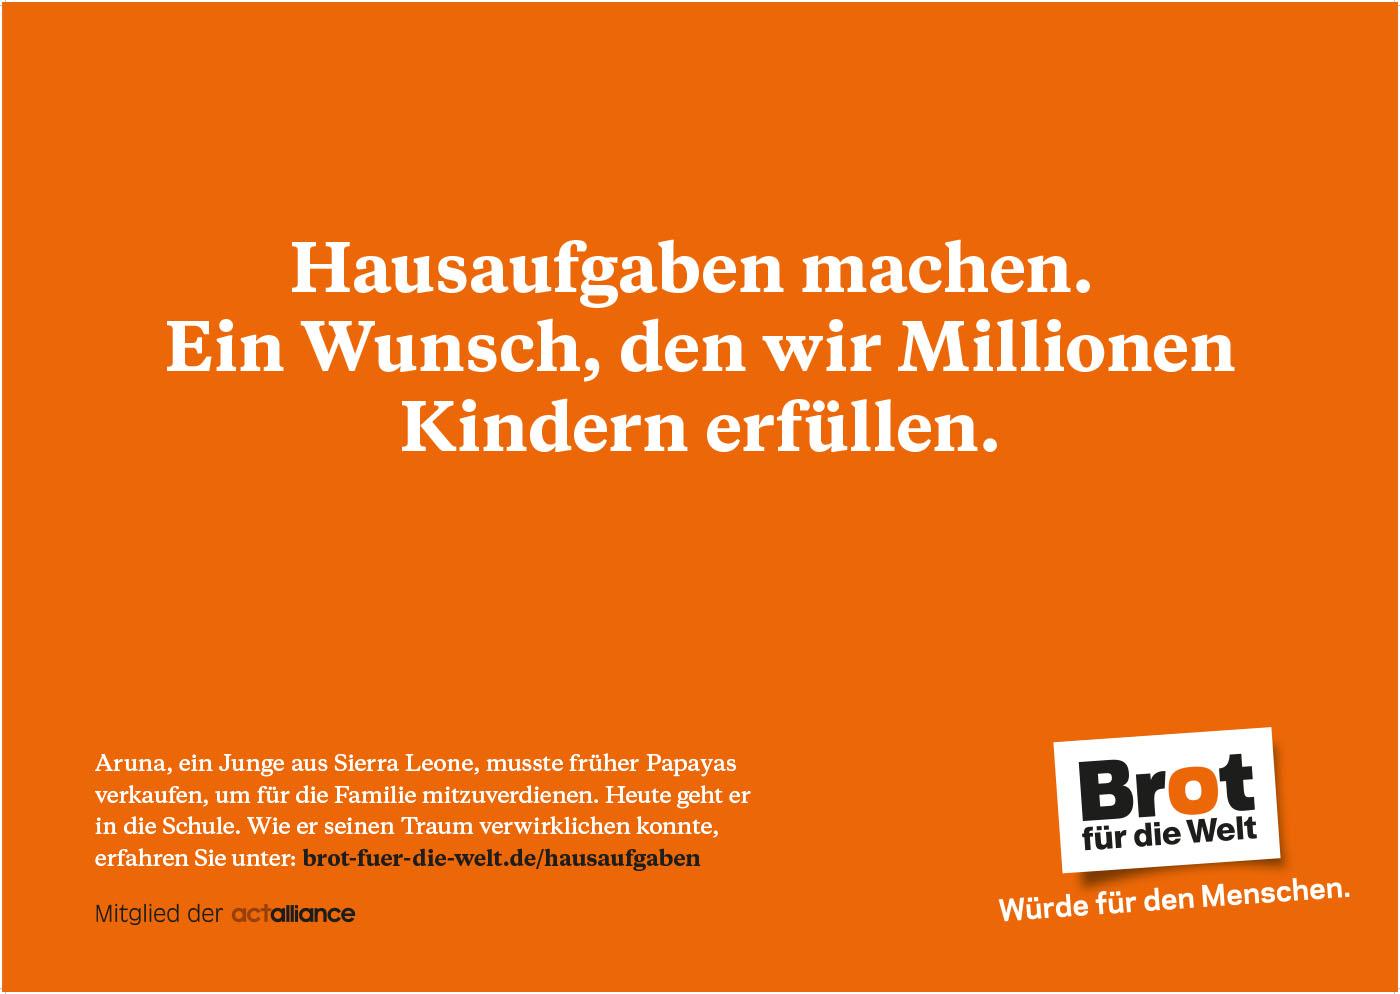 """Plakat """"Hausaufgaben machen. Ein Wunsch, den wir Millionen Kindern erfüllen"""""""